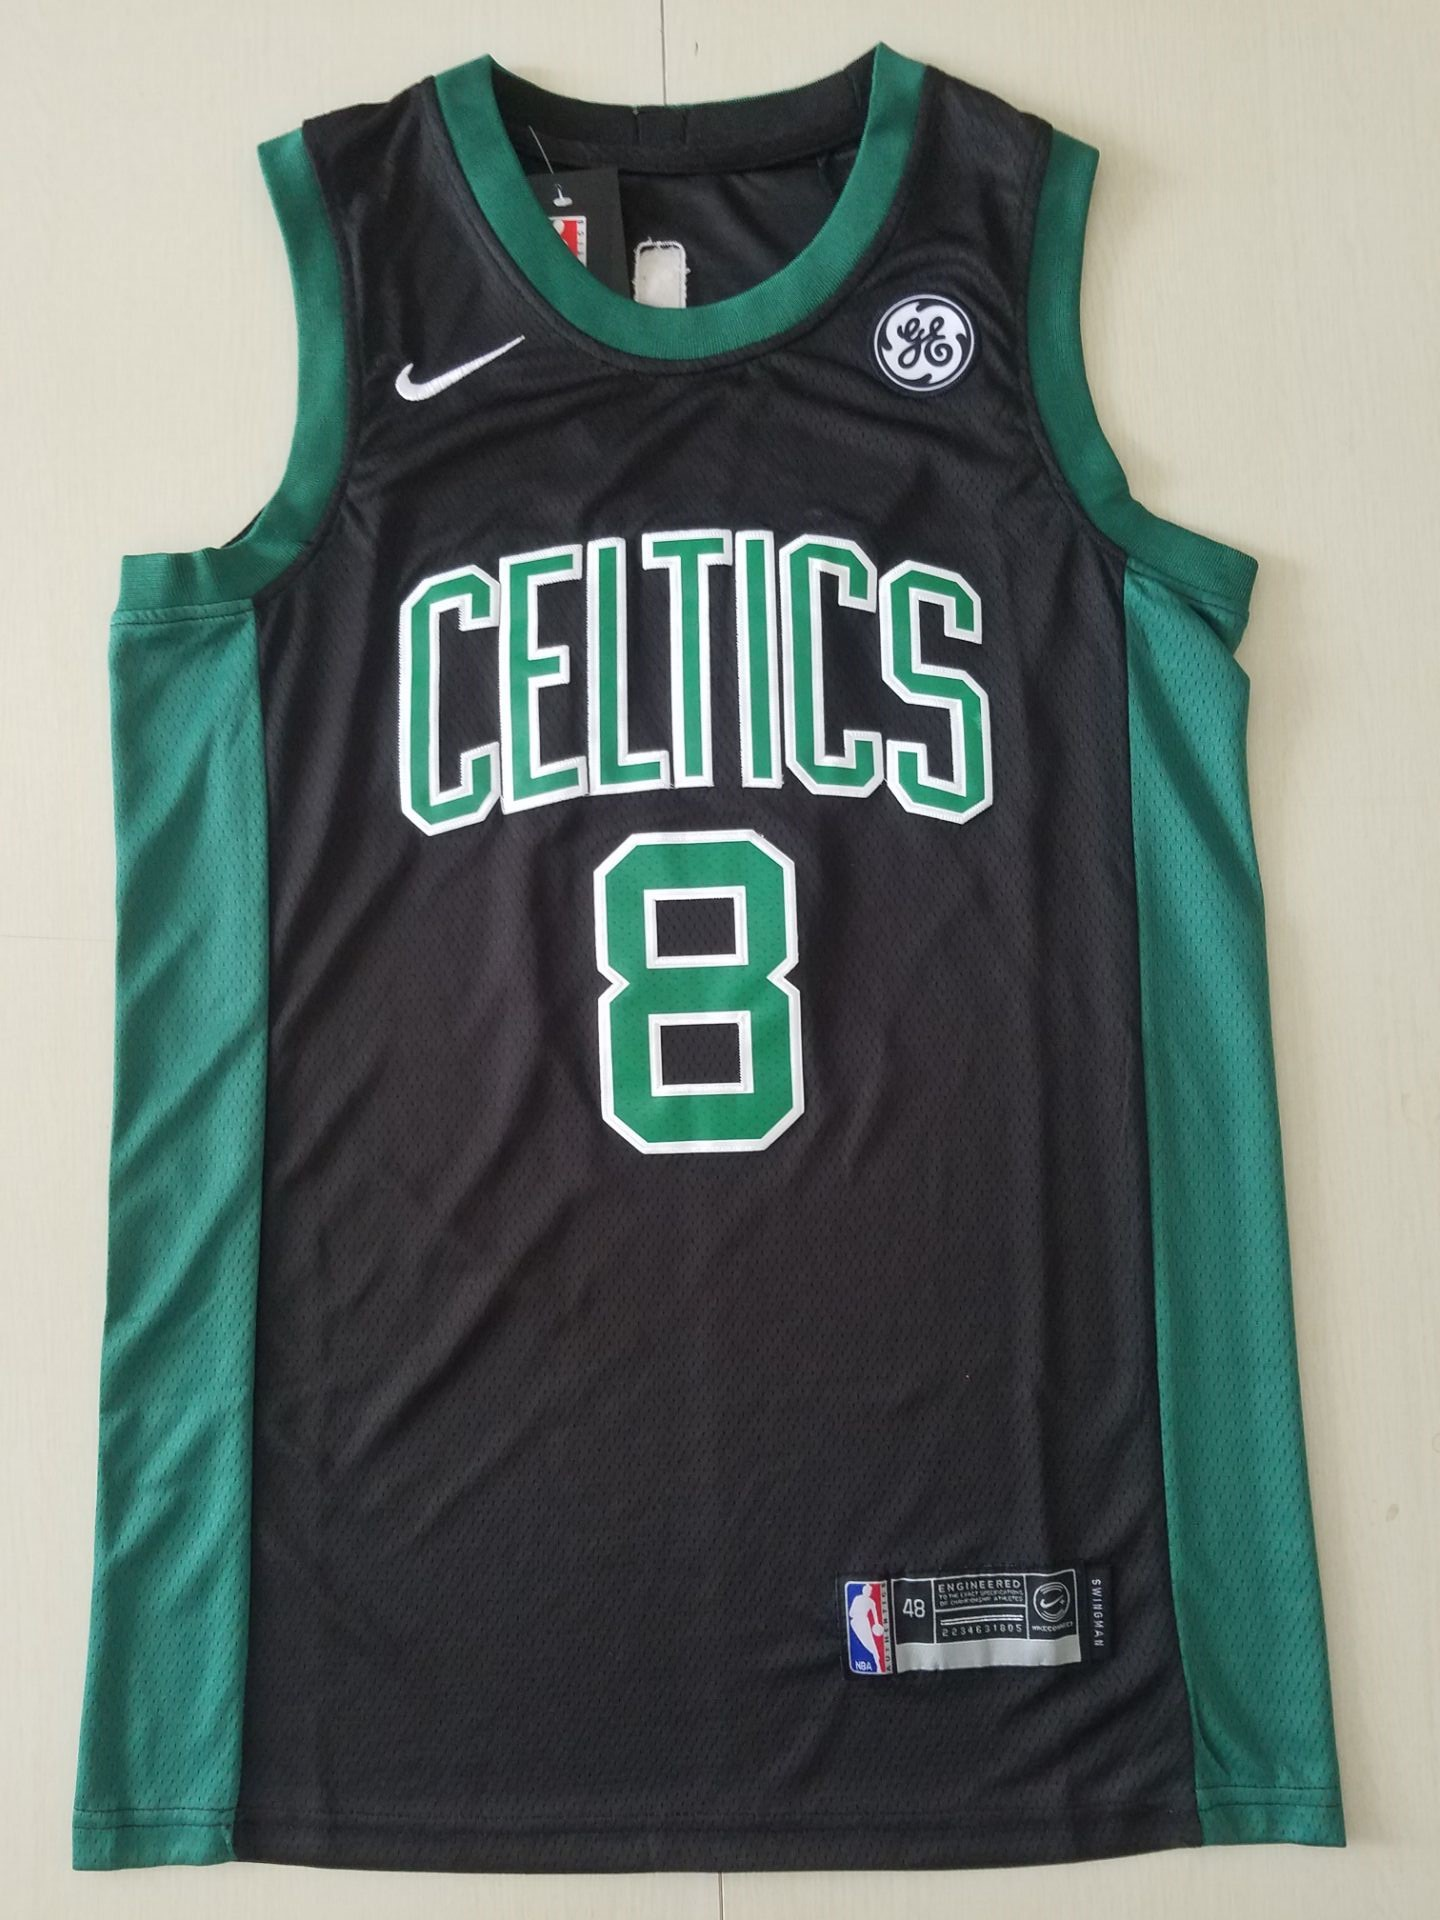 sale retailer 380cb 03928 Cheap Celtics Jerseys,Supply Celtics Jerseys With Stitched ...